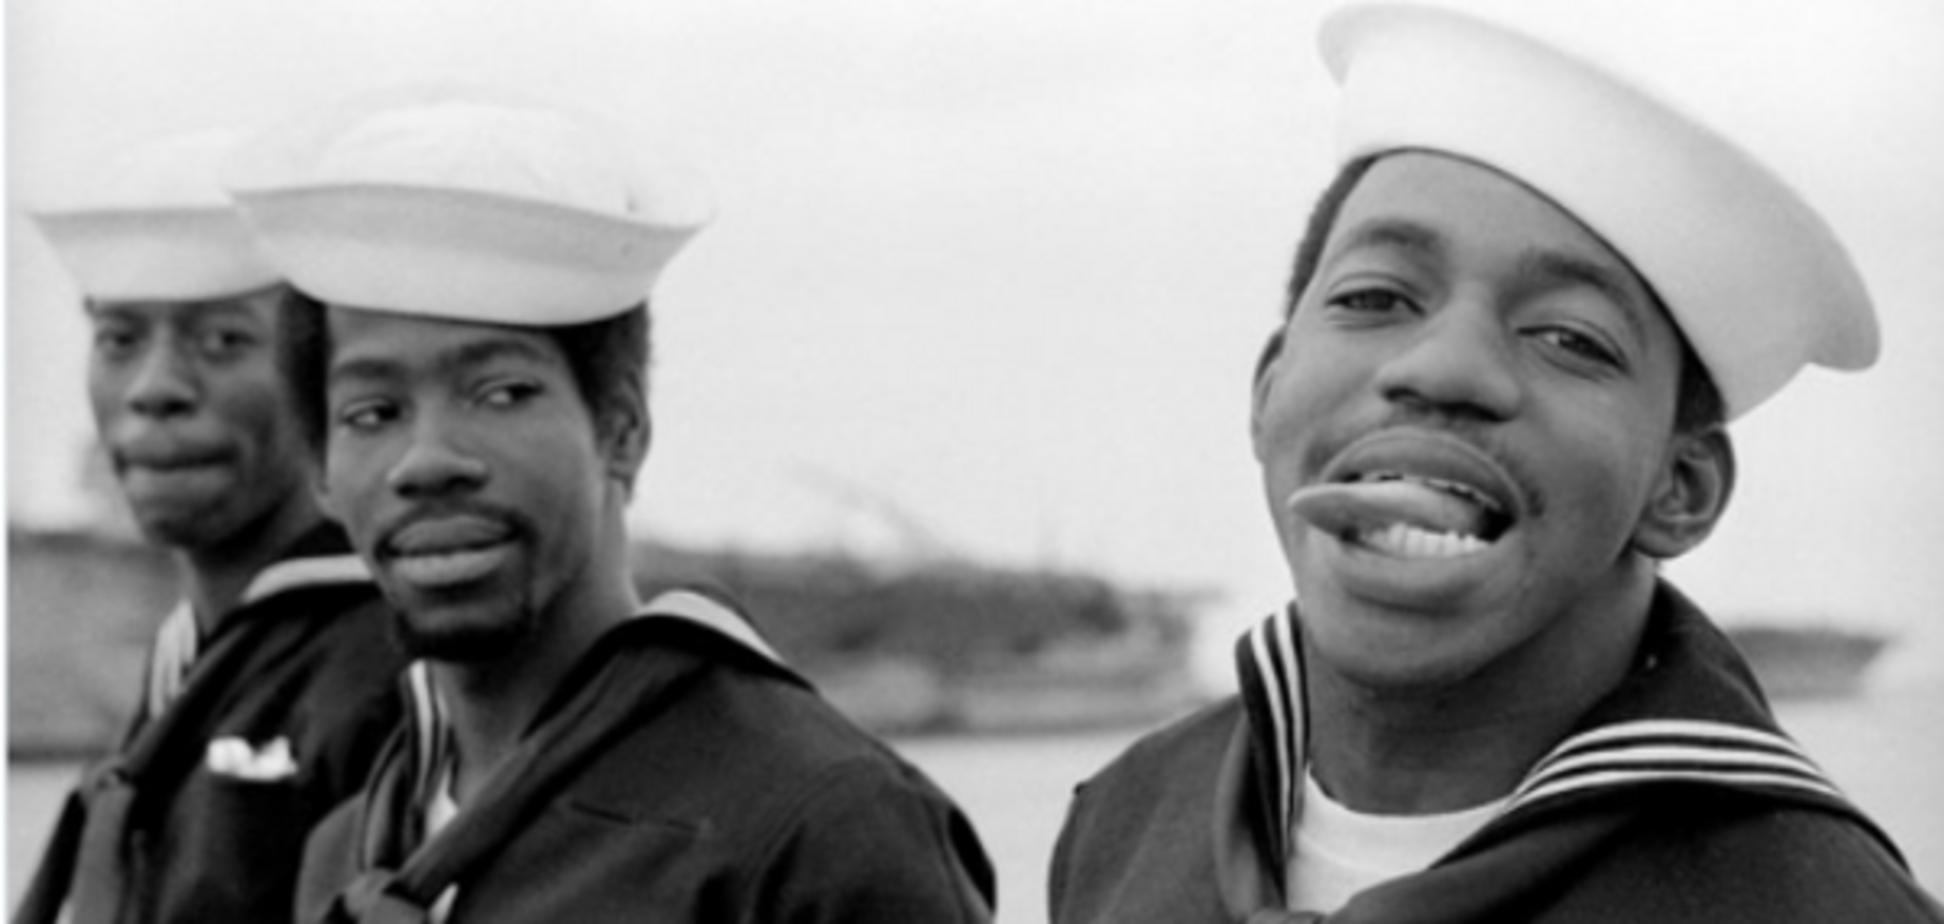 'Більше нігерів для флоту': у Трампа трапився незграбний 'упс'